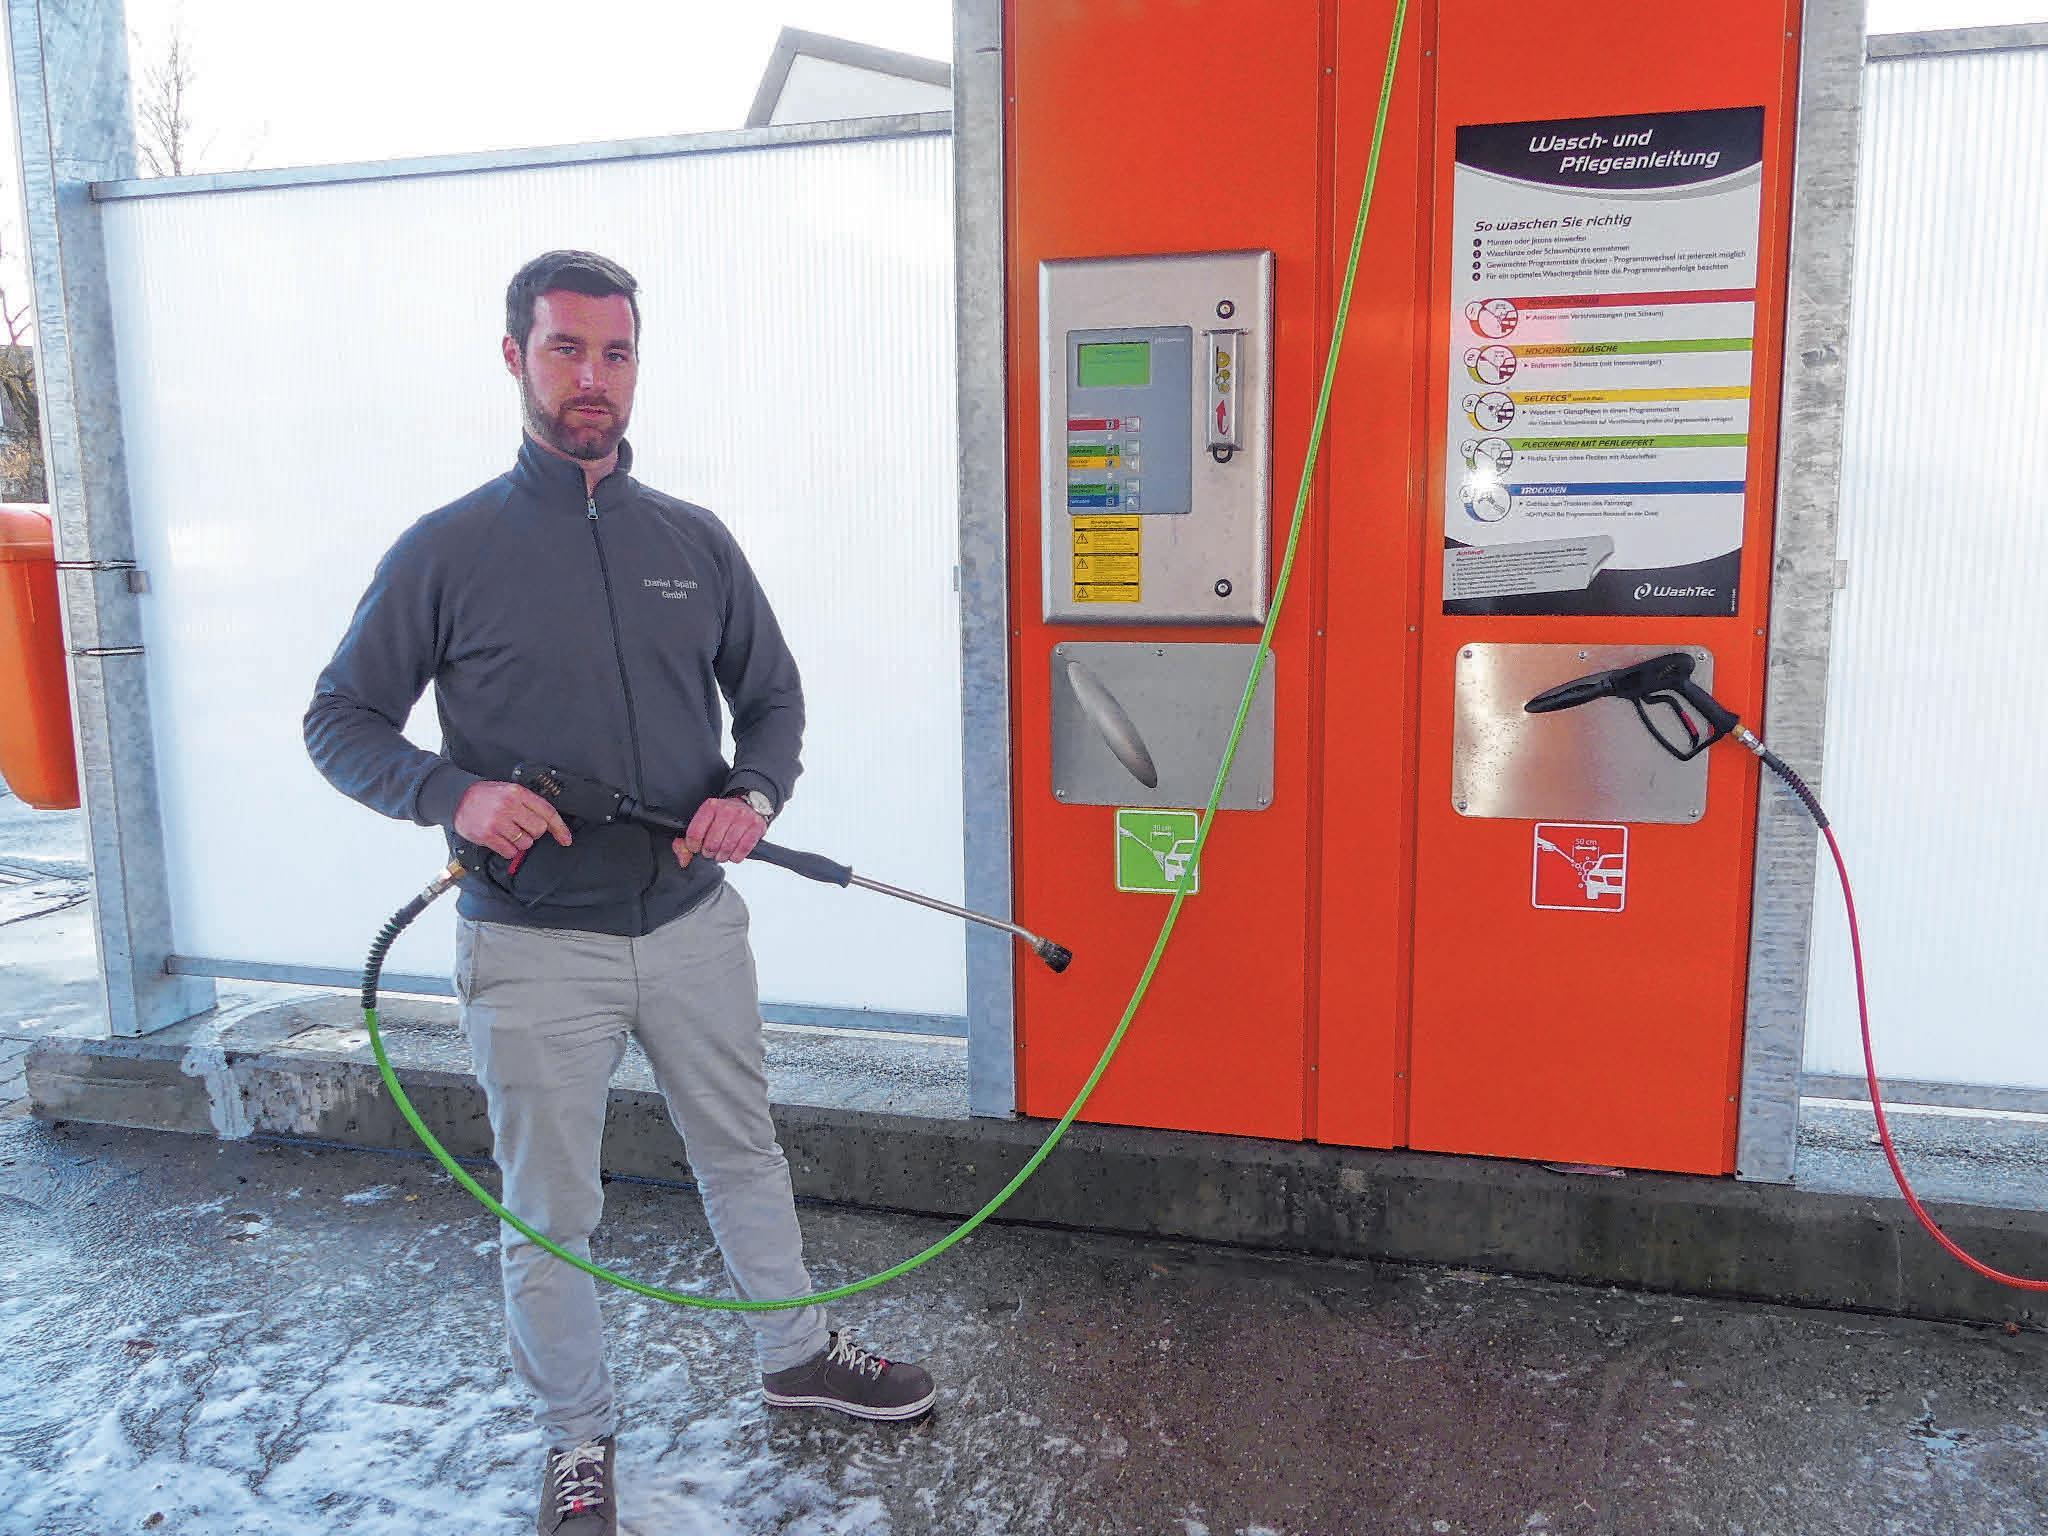 Axel Kirsamer zeigt die moderne Technik in den neuen Waschboxen der Daniel Späth GmbH. FOTO: BURGHART